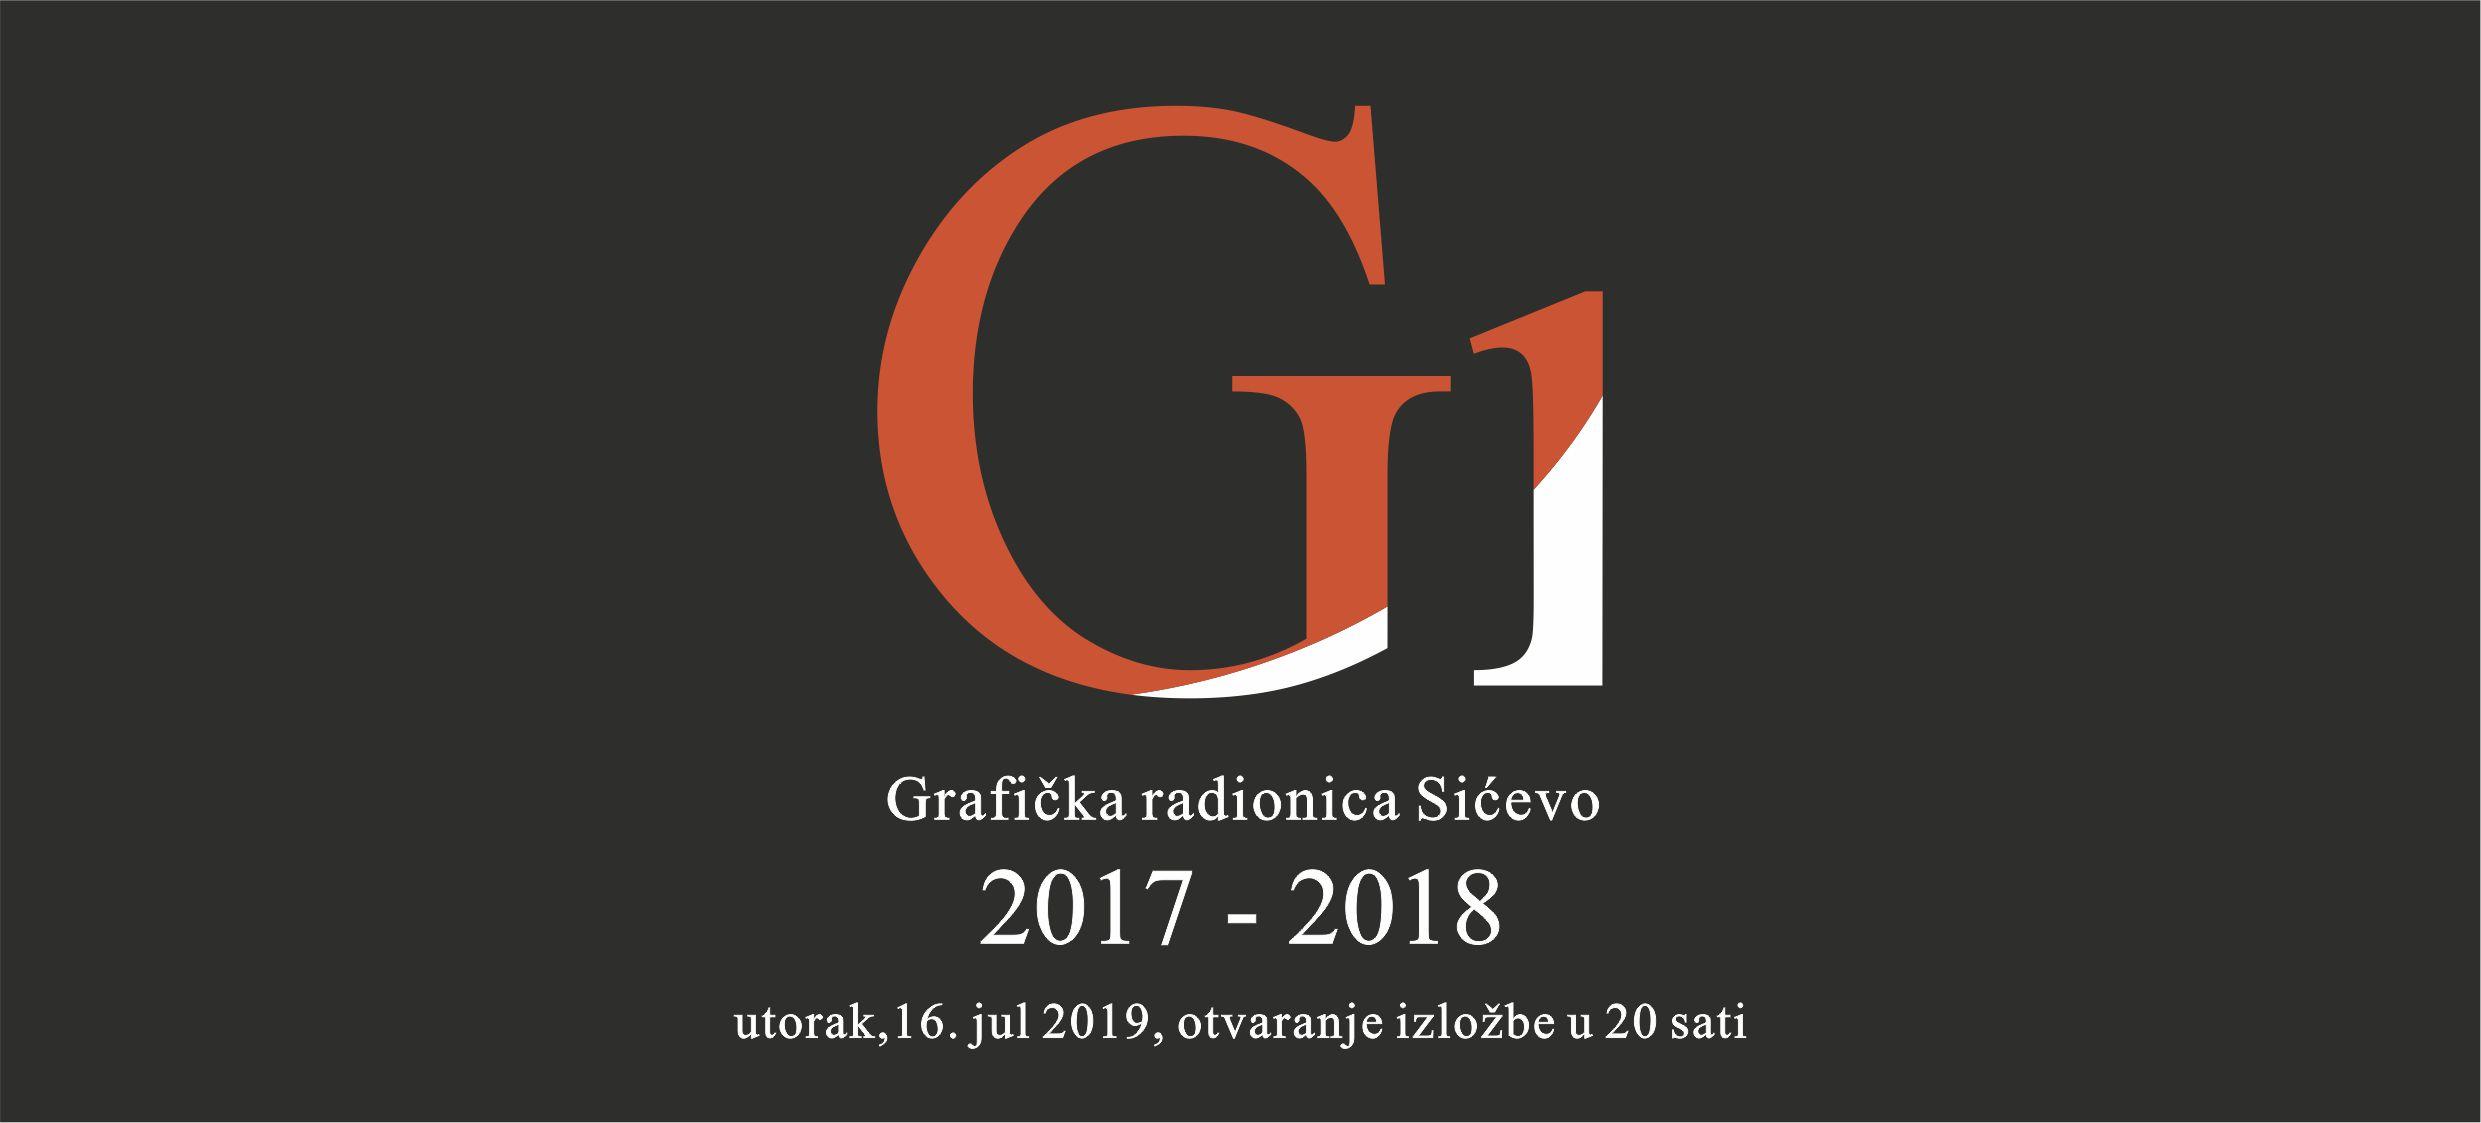 """Photo of Grafička radionica Sićevo – izložba u Galeriji """"Čedomir Krstić"""""""